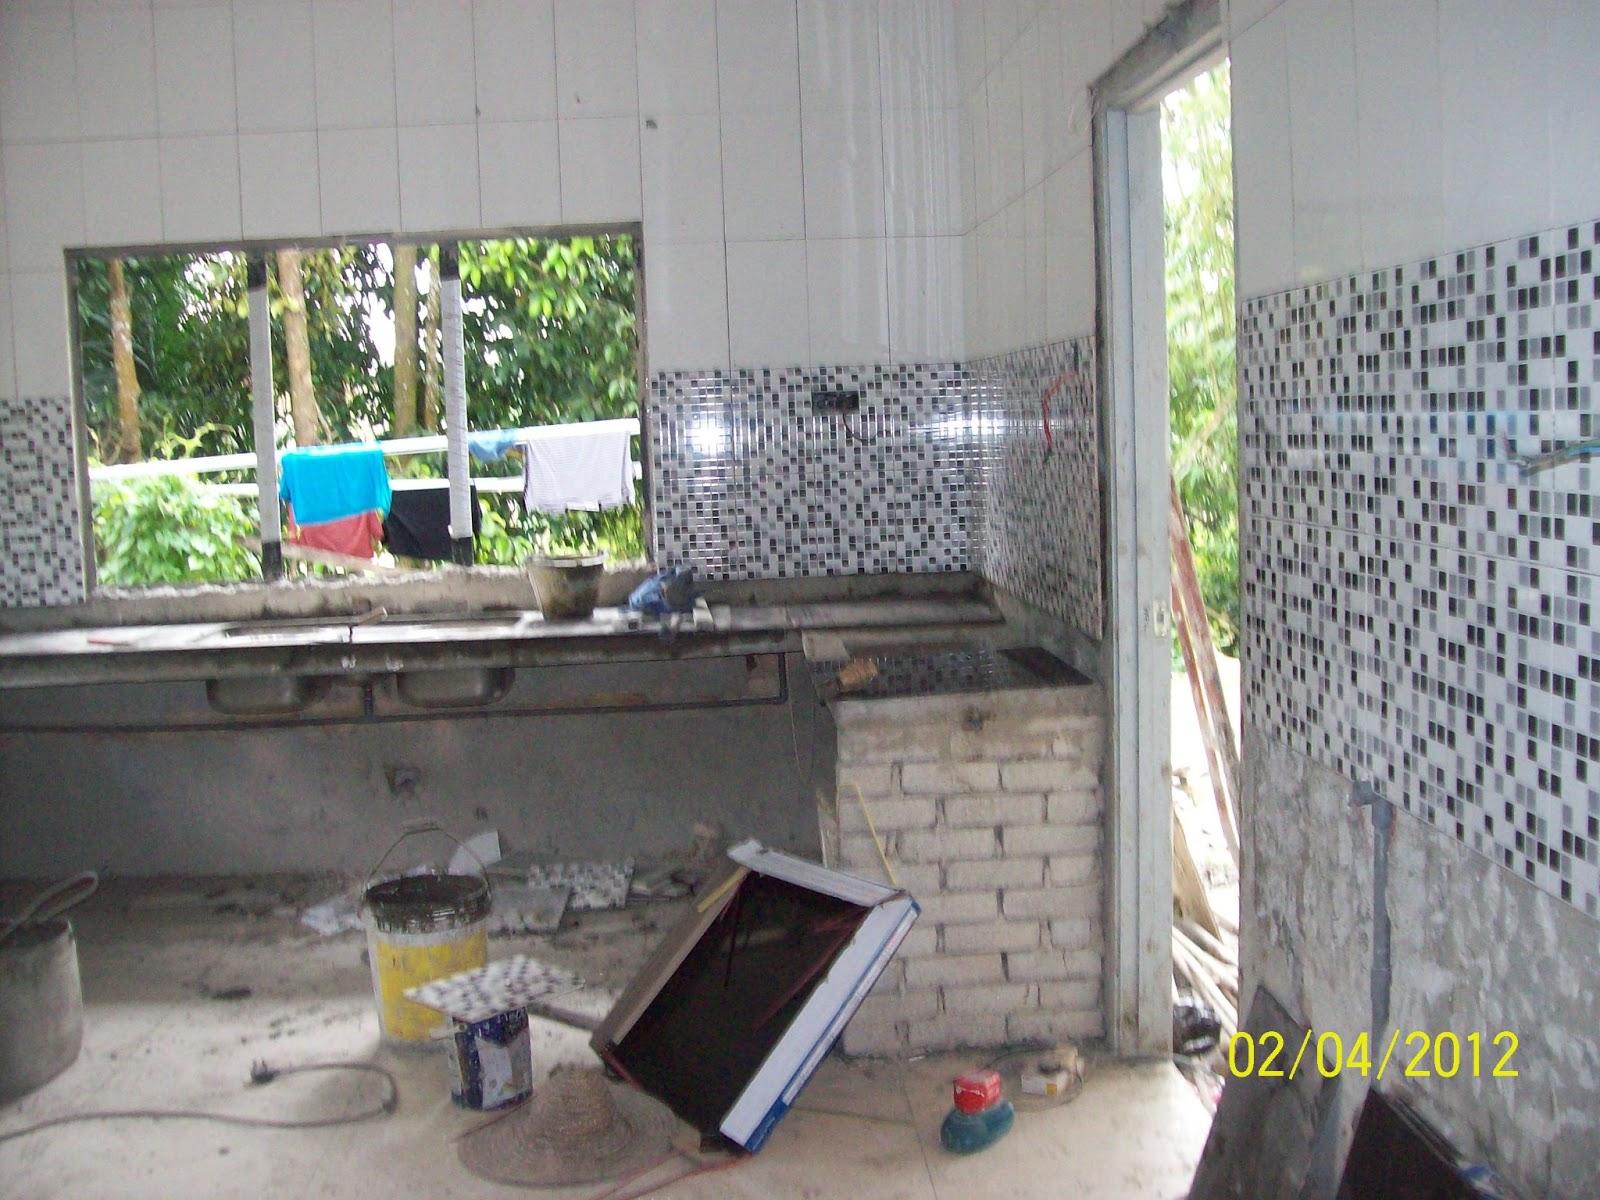 Ini Semasa Pembinaan Dan Pemasangan Tiles Dinding Dijalankan